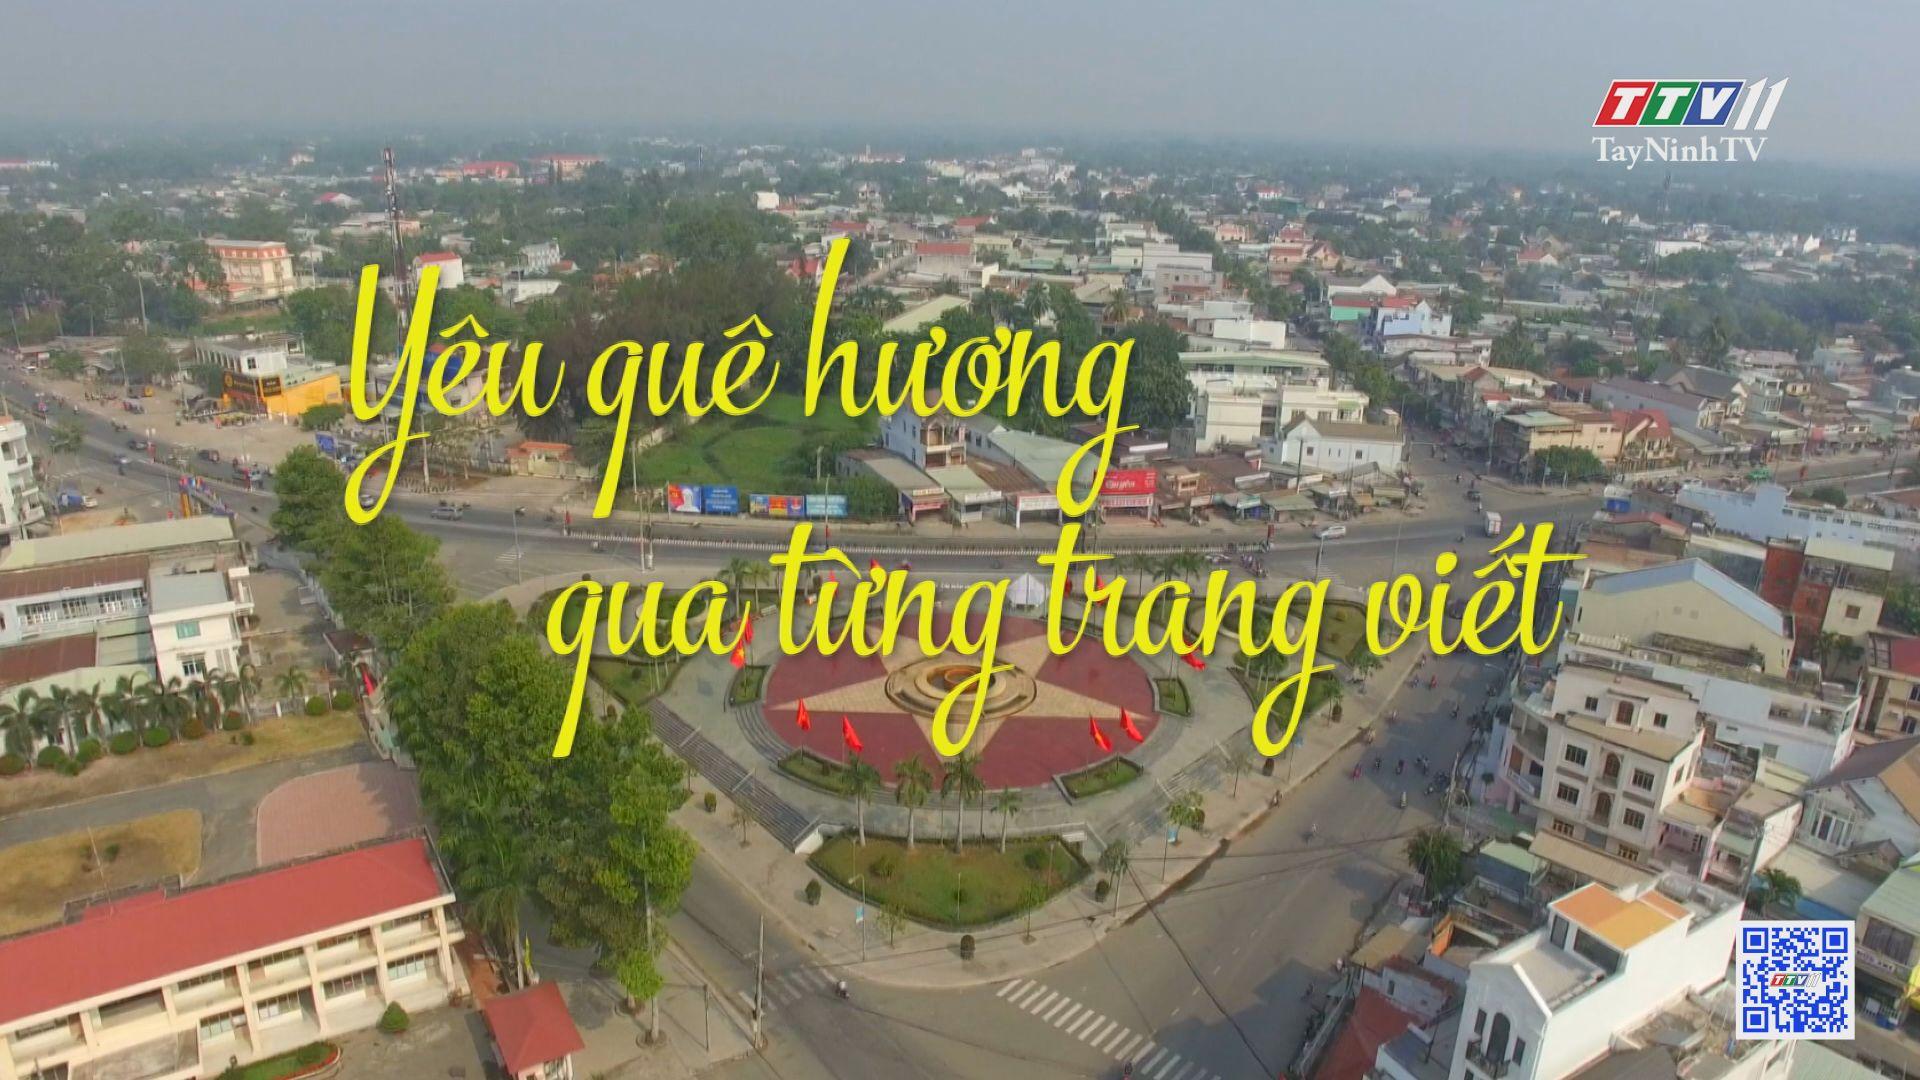 Yêu quê hương qua từng trang viết | DẤU ẤN CUỘC ĐỜI | TayNinhTV